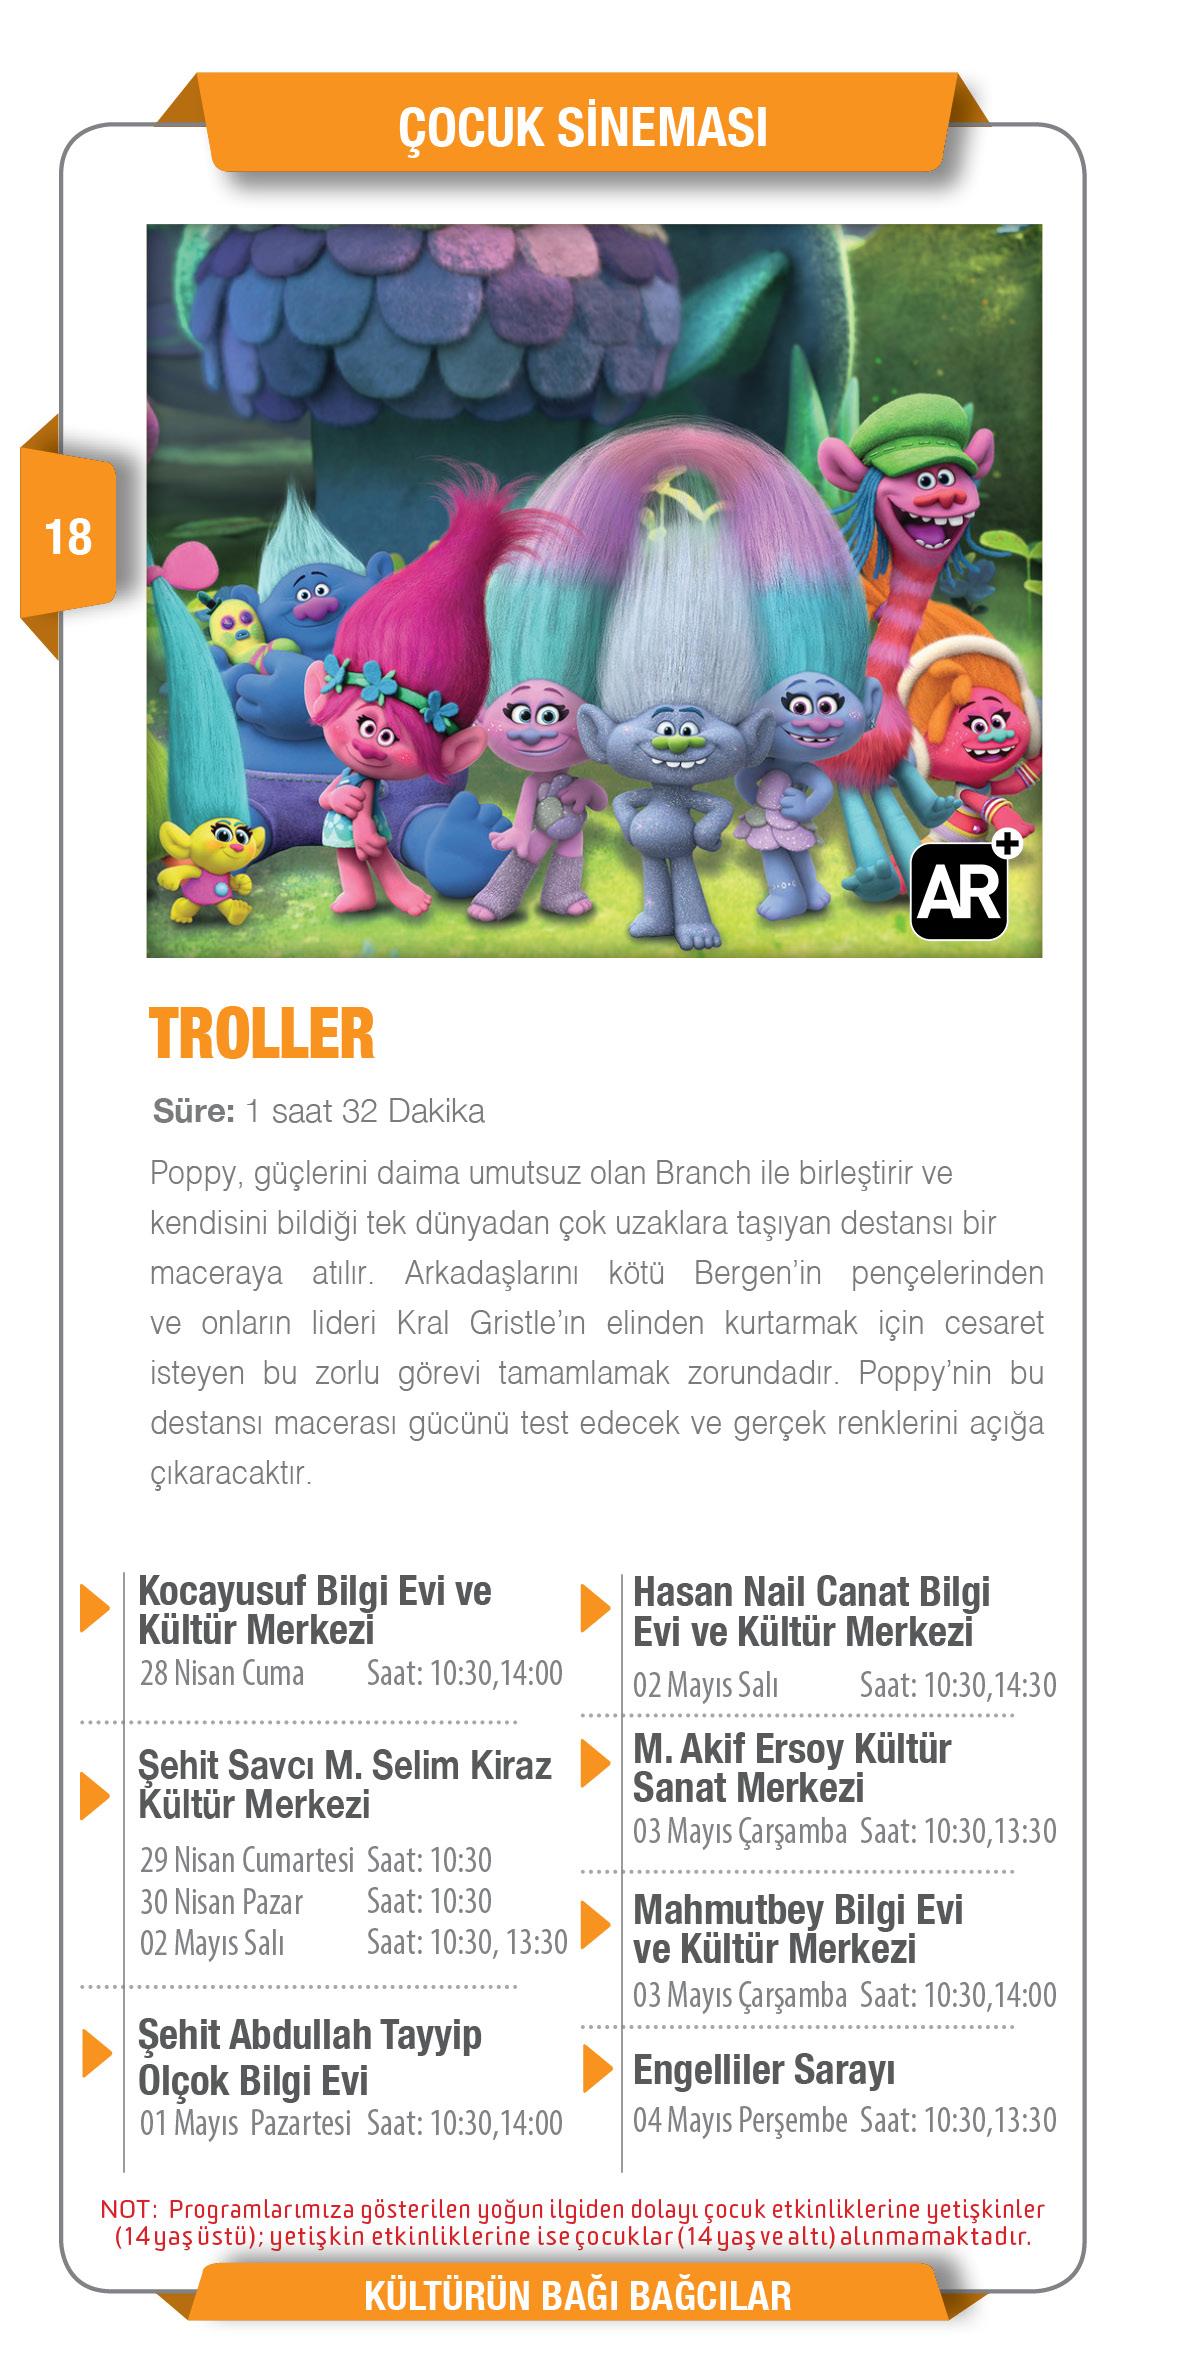 Troller - Çocuk Sineması